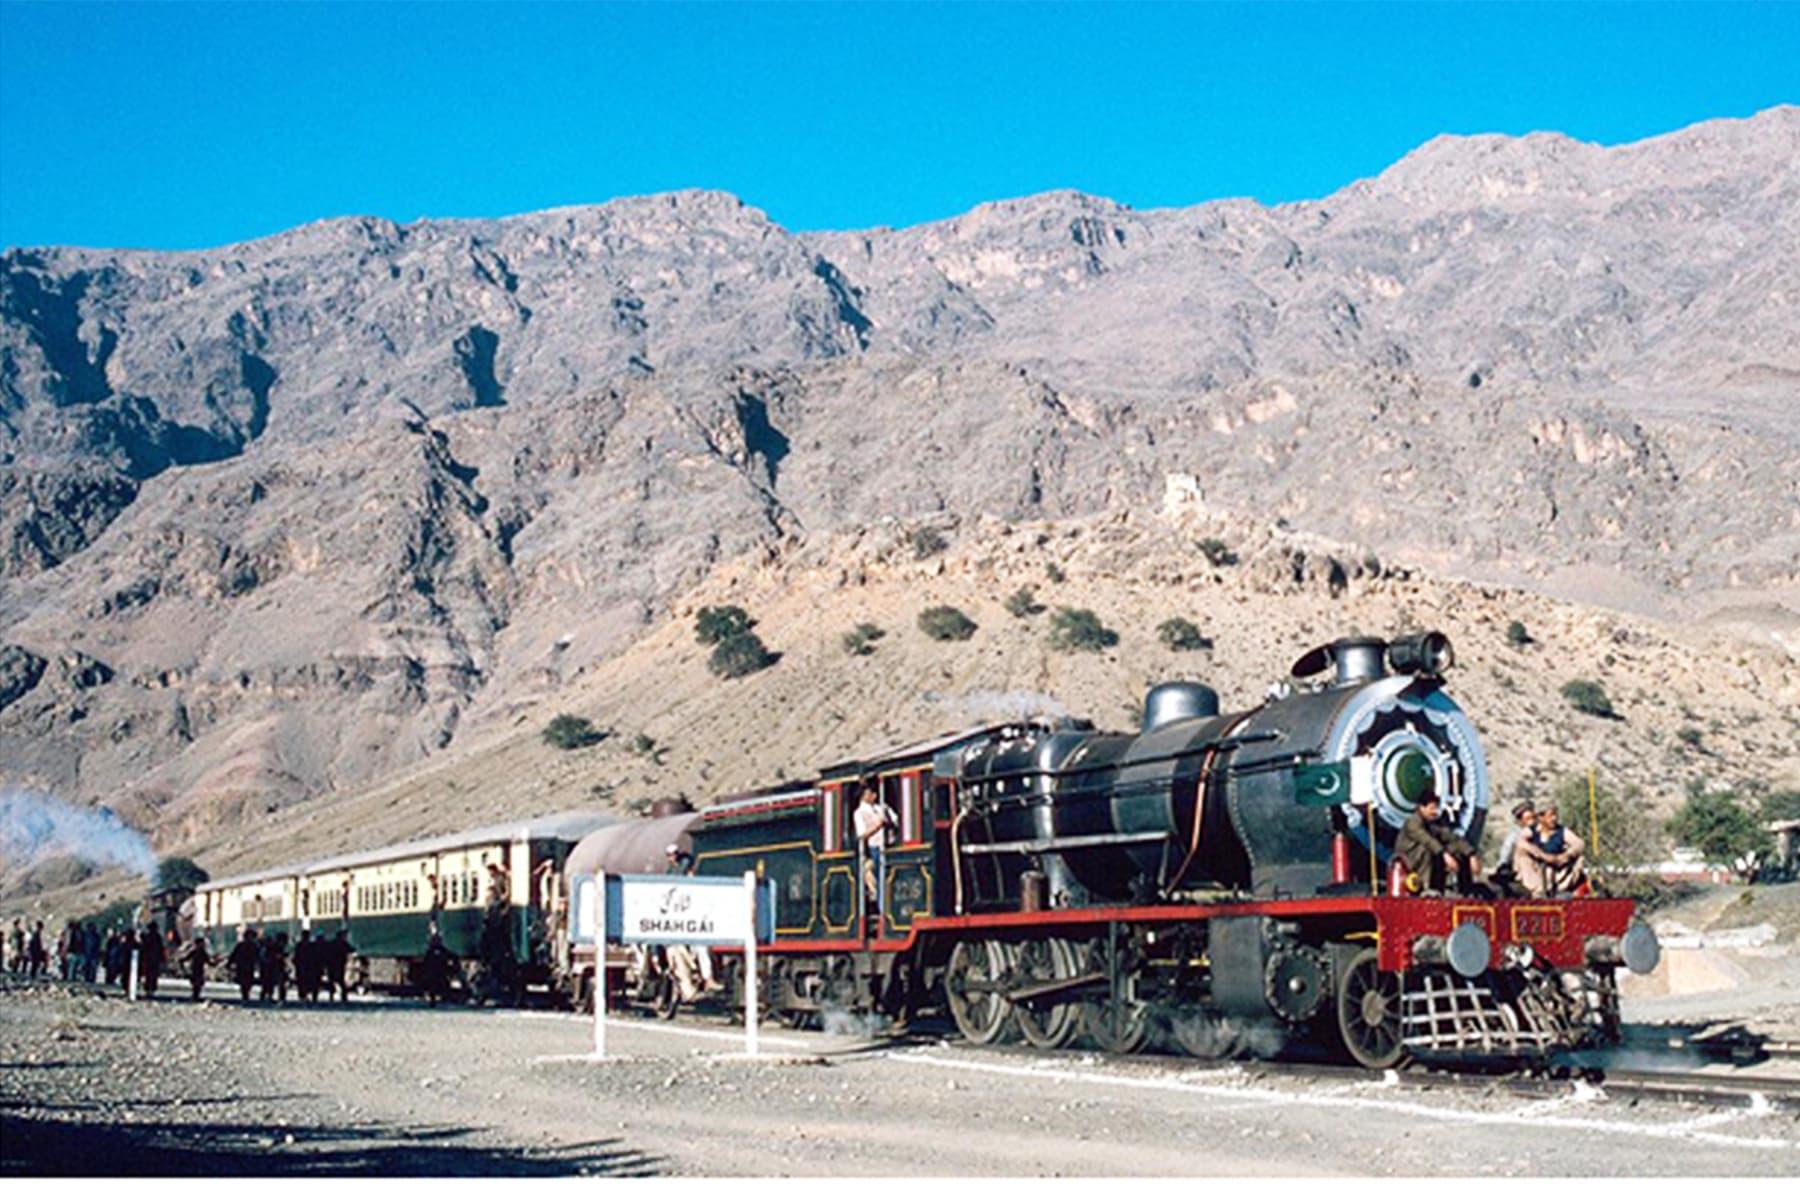 خیبر اسٹیم سفاری کے نام سے چلنے والی ٹرین شگئی کے مقام پر—فائل فوٹو